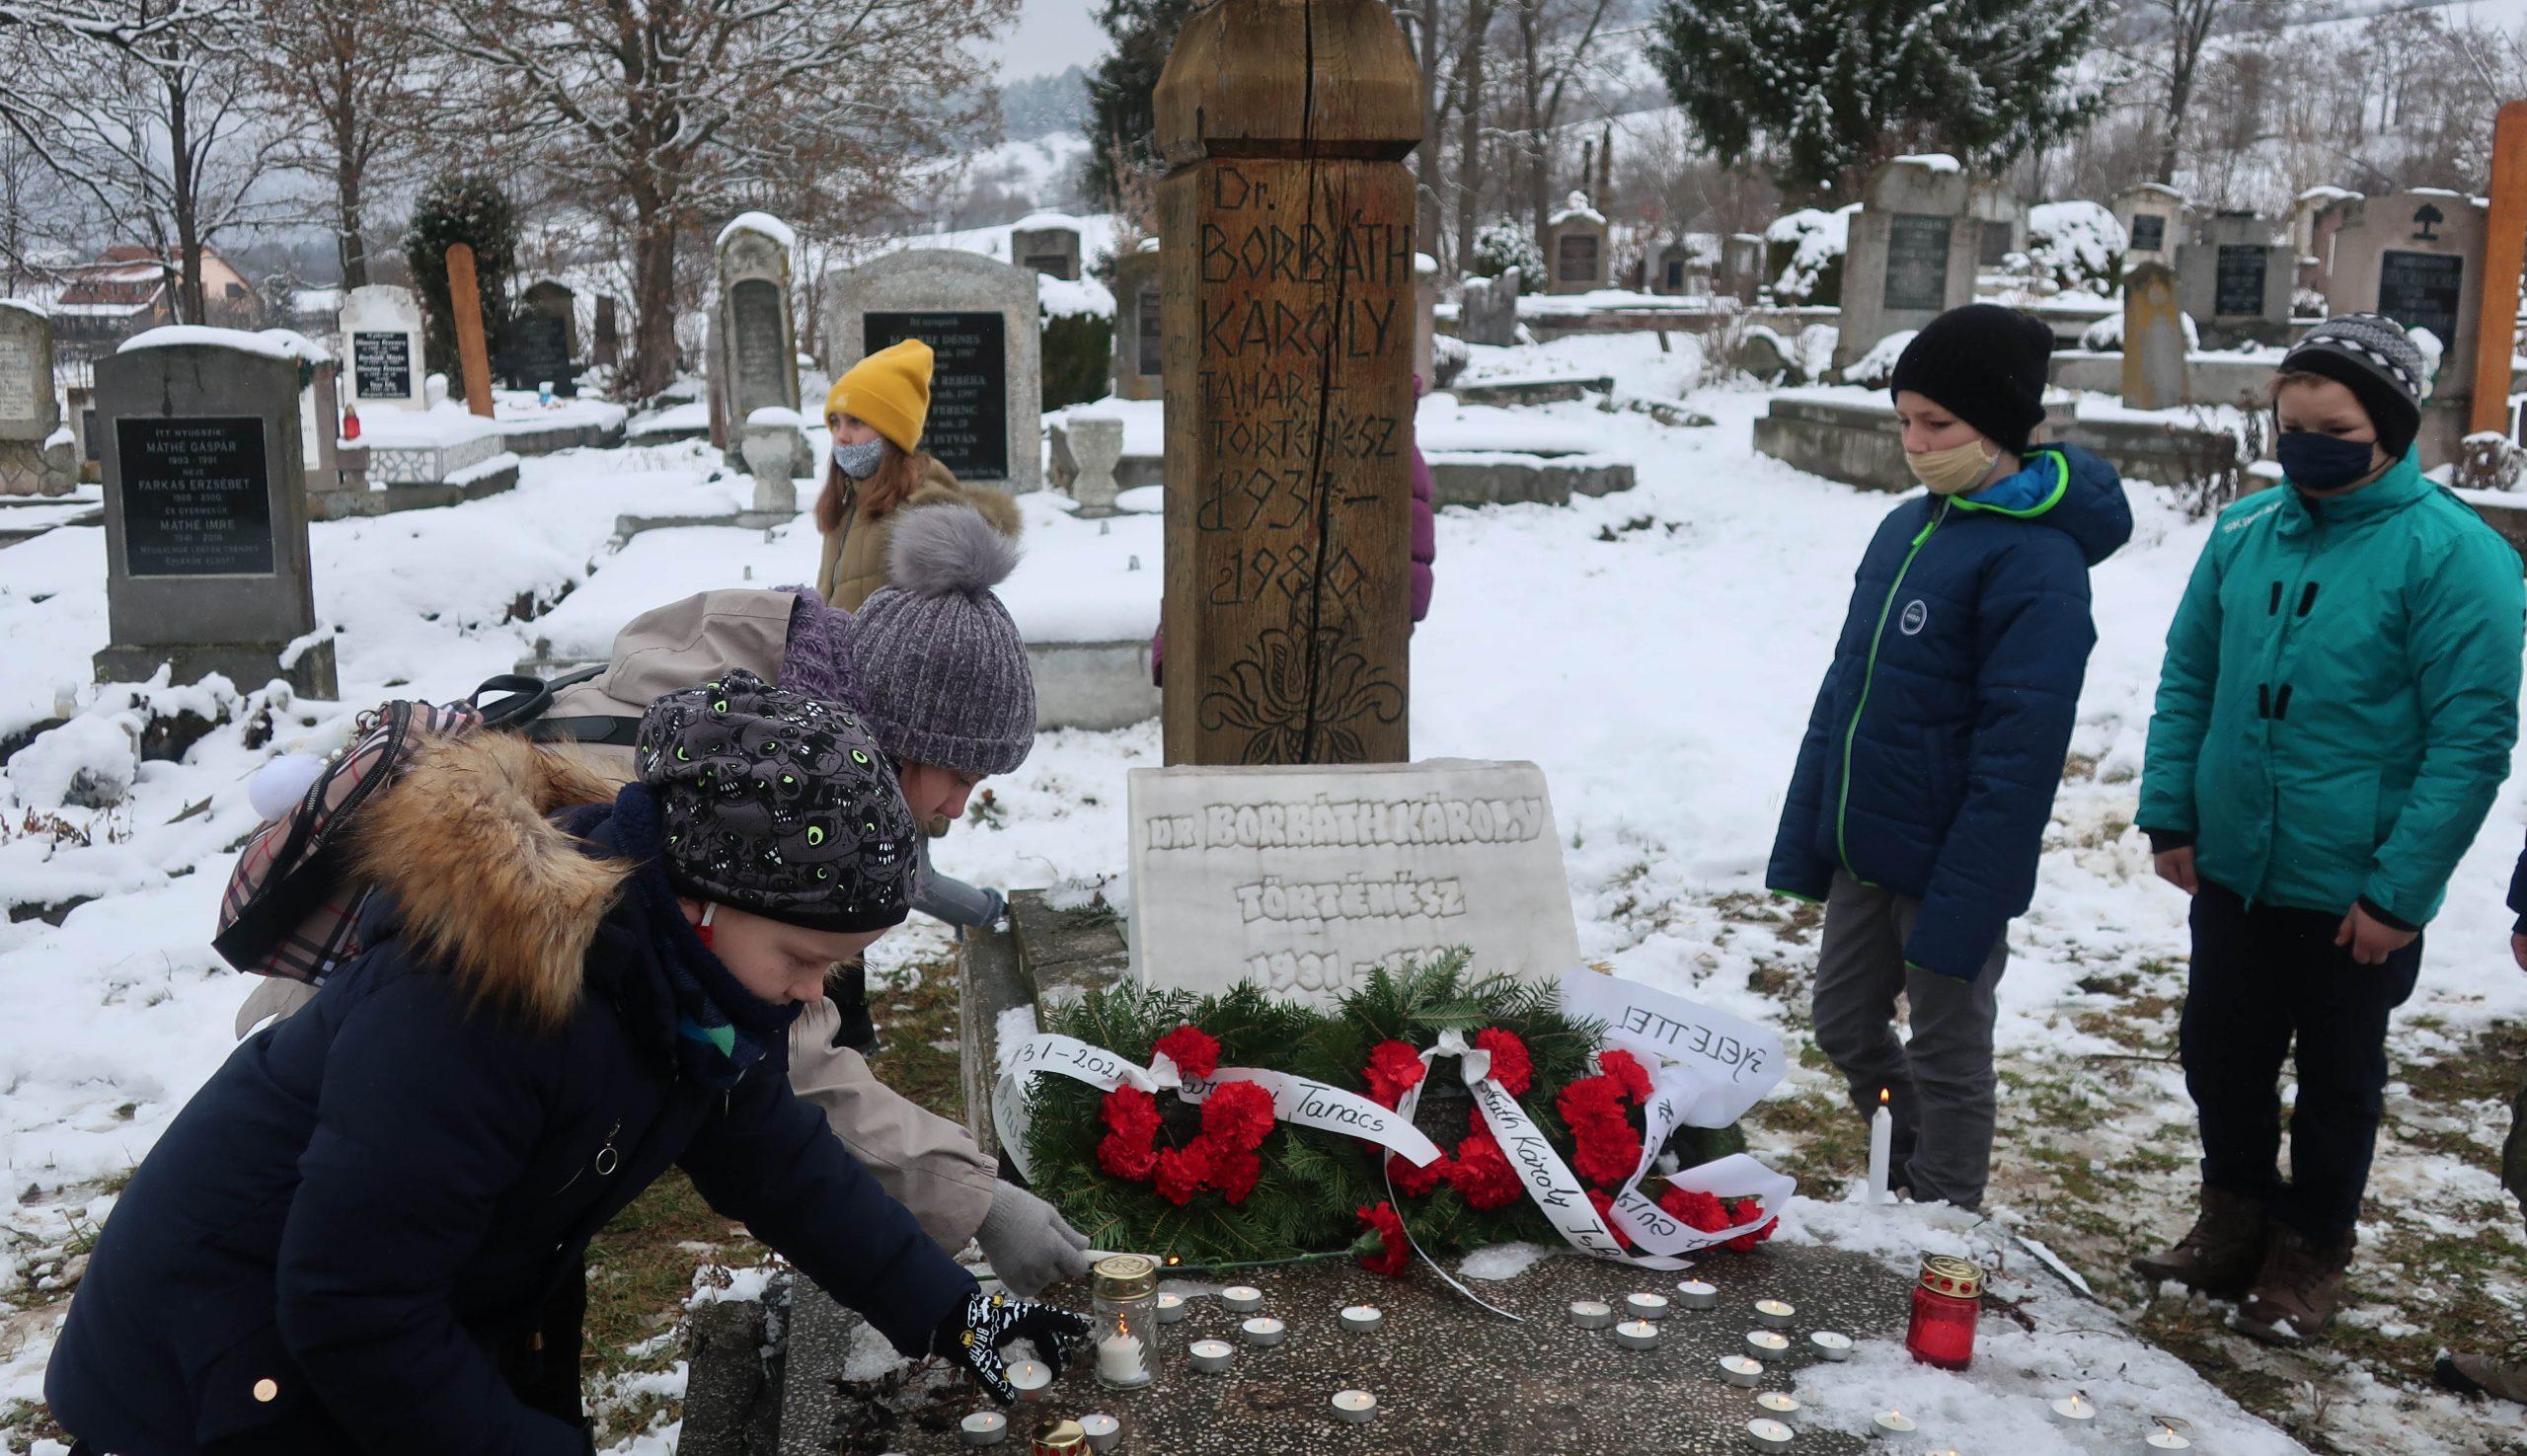 Dr. Borbáth Károlyra emlékeztek